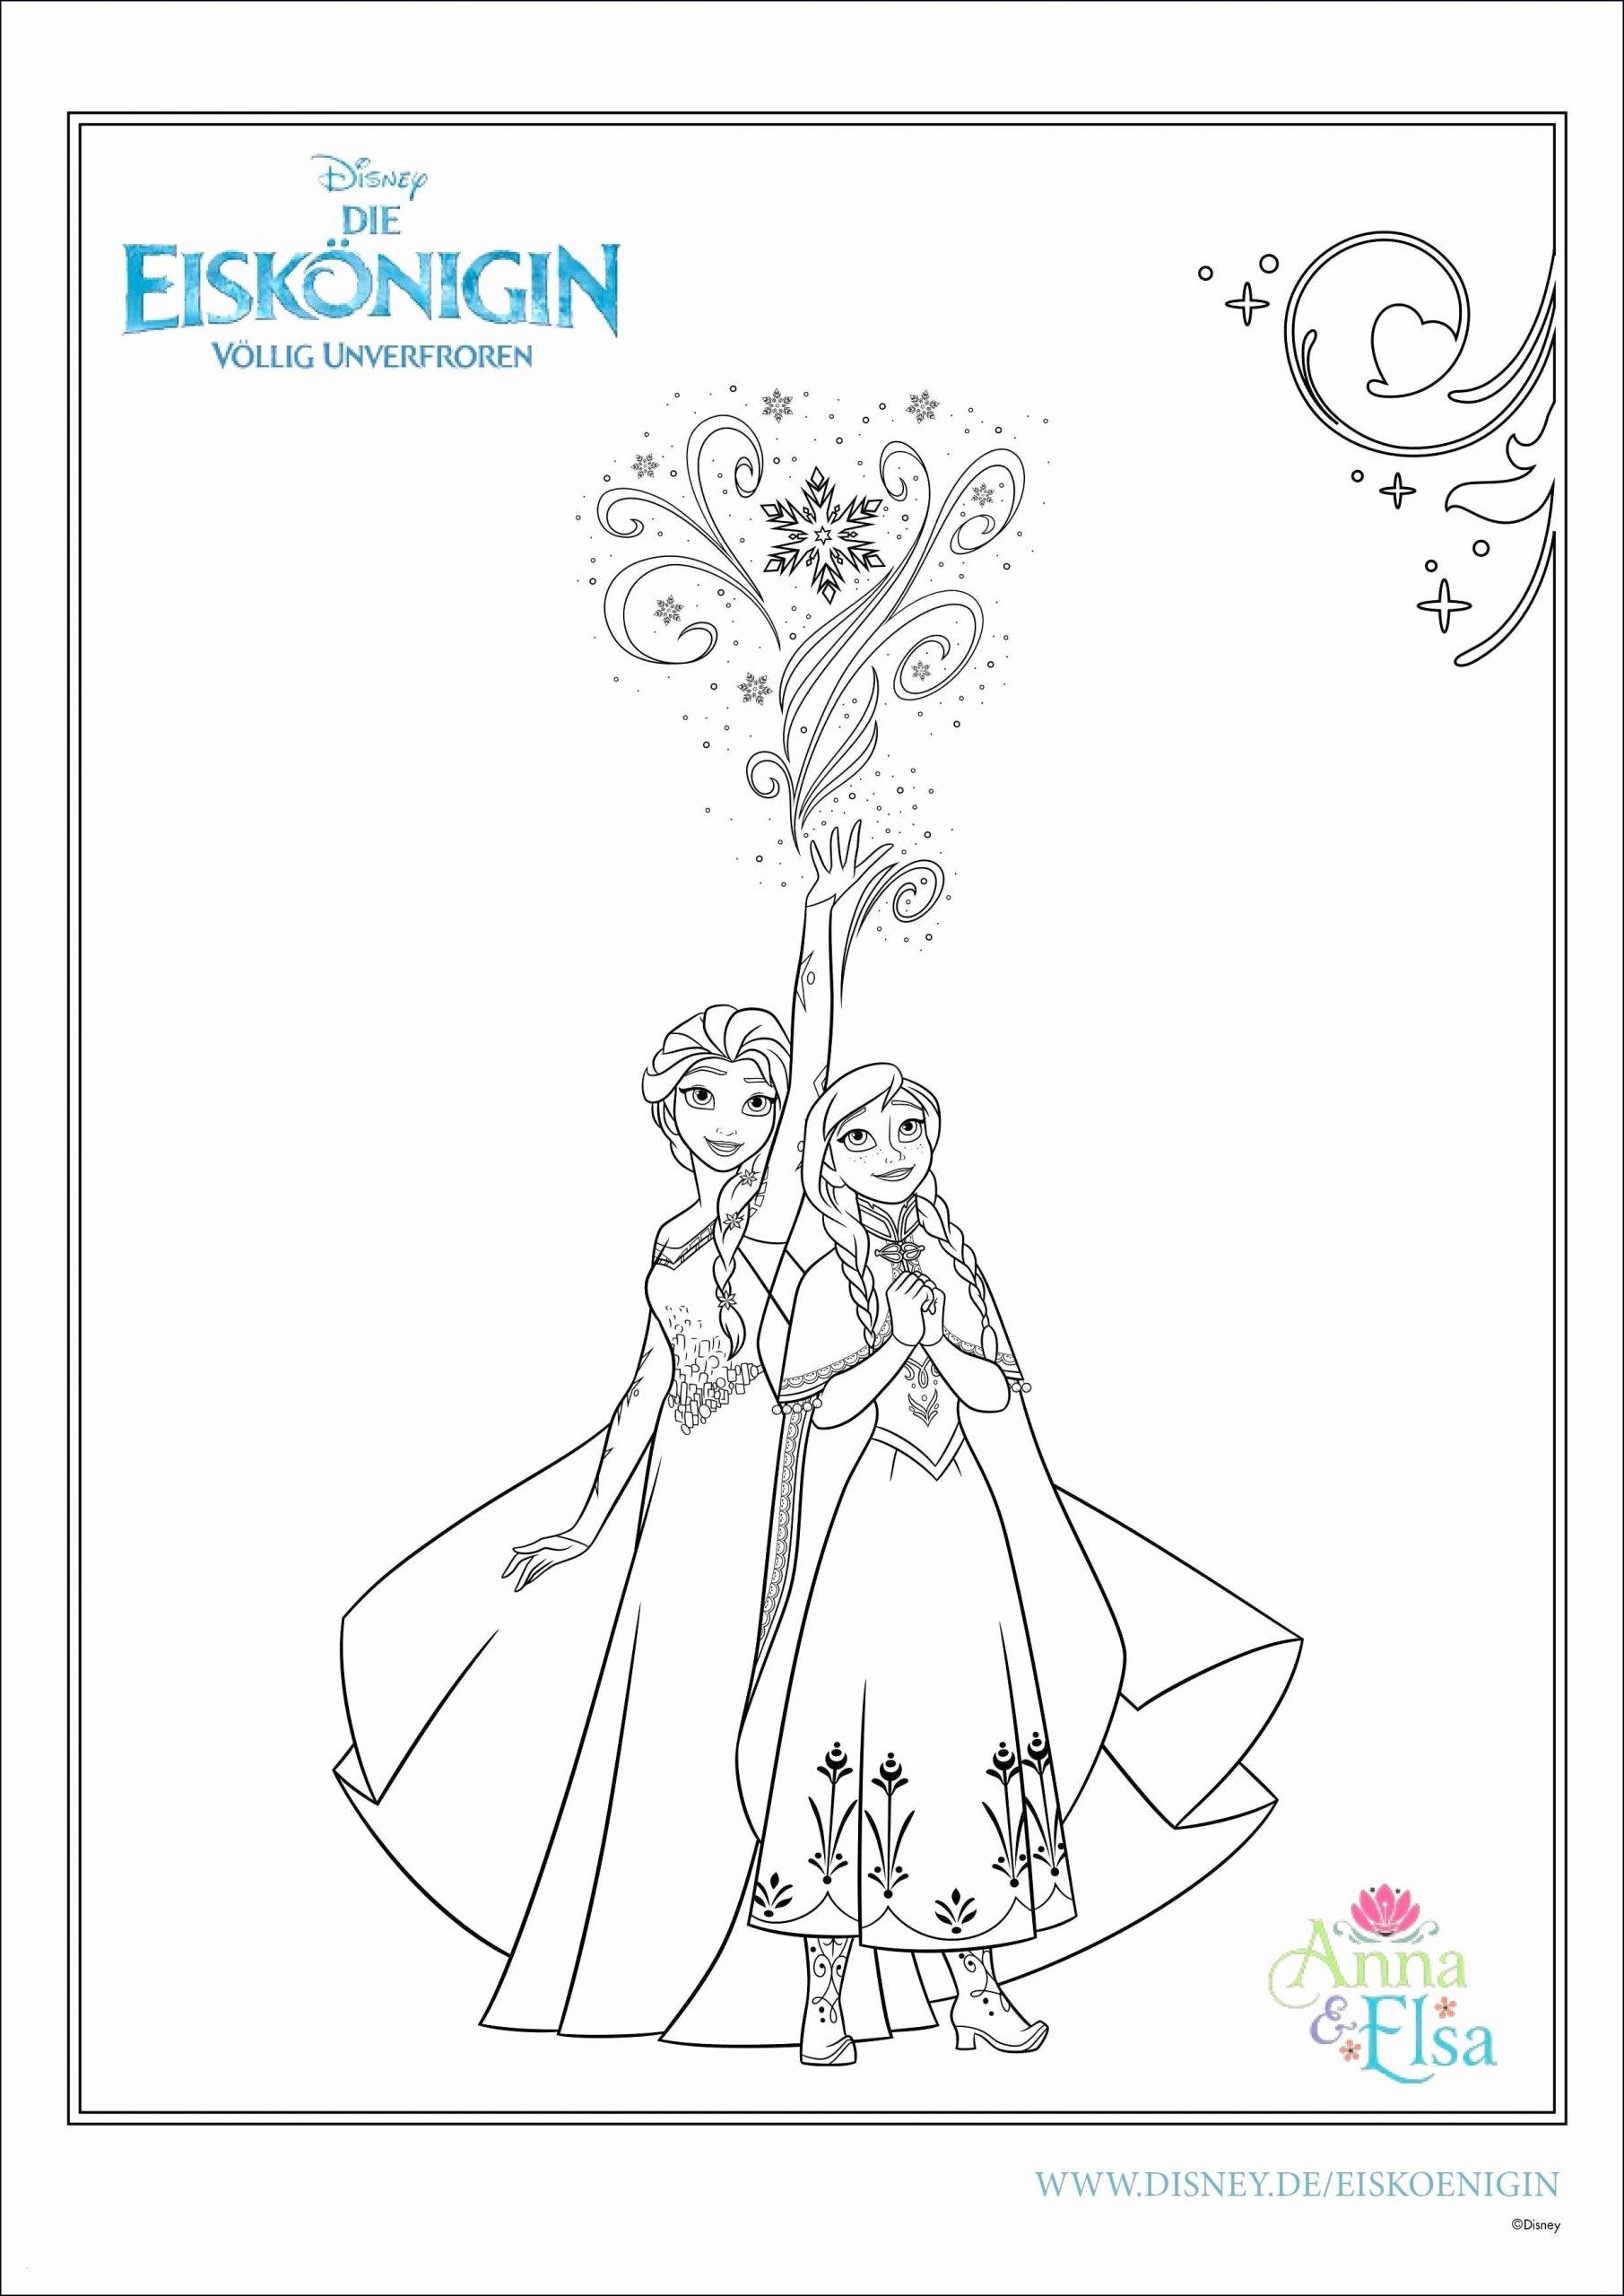 Einzigartig Malvorlagen Zum Ausdrucken Disney In 2020 (Mit ganzes Ausmalbilder Anna Und Elsa